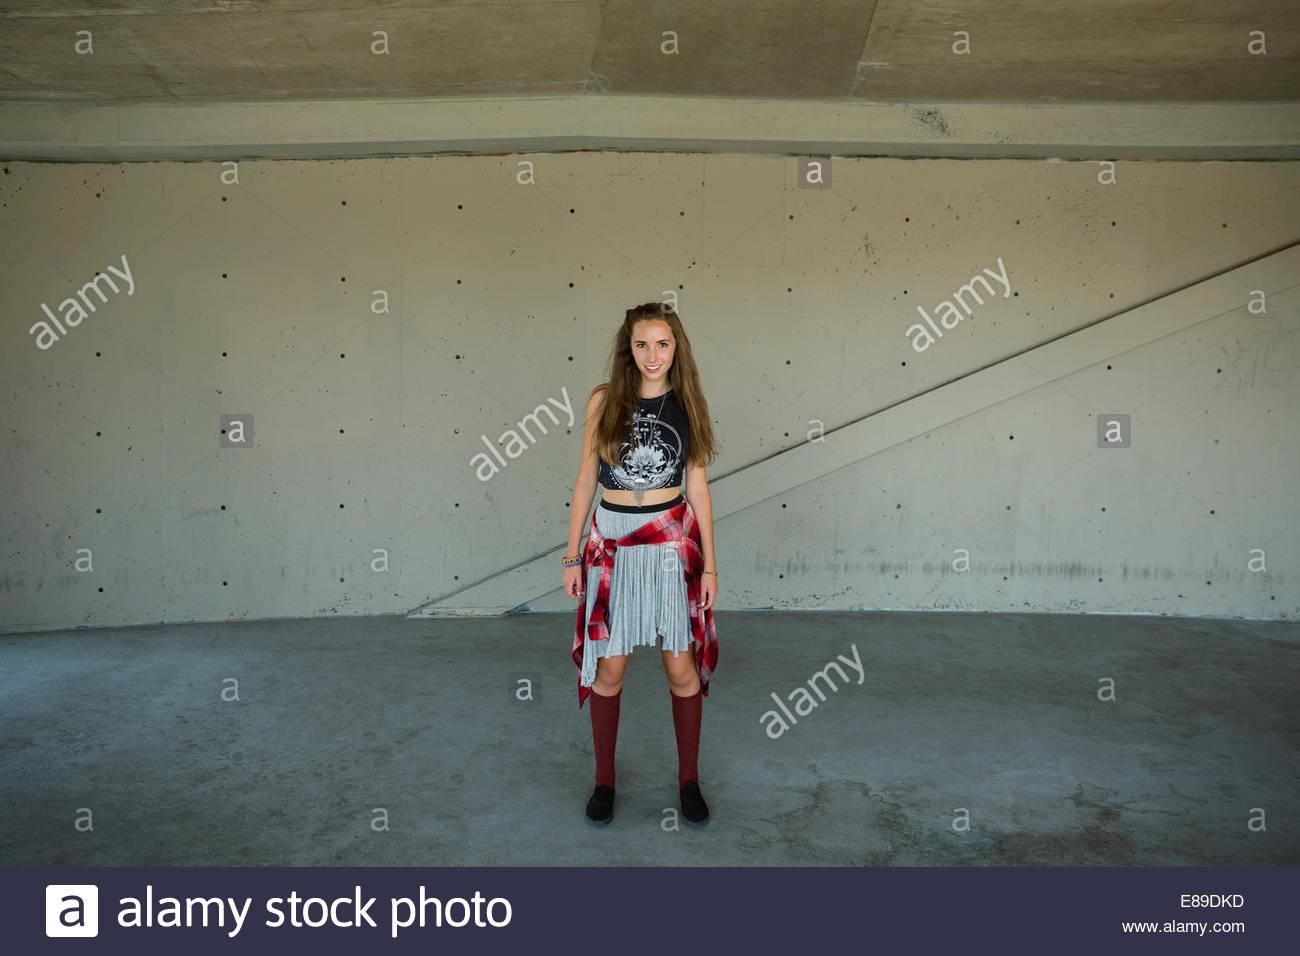 Portrait of teenage girl cool Photo Stock